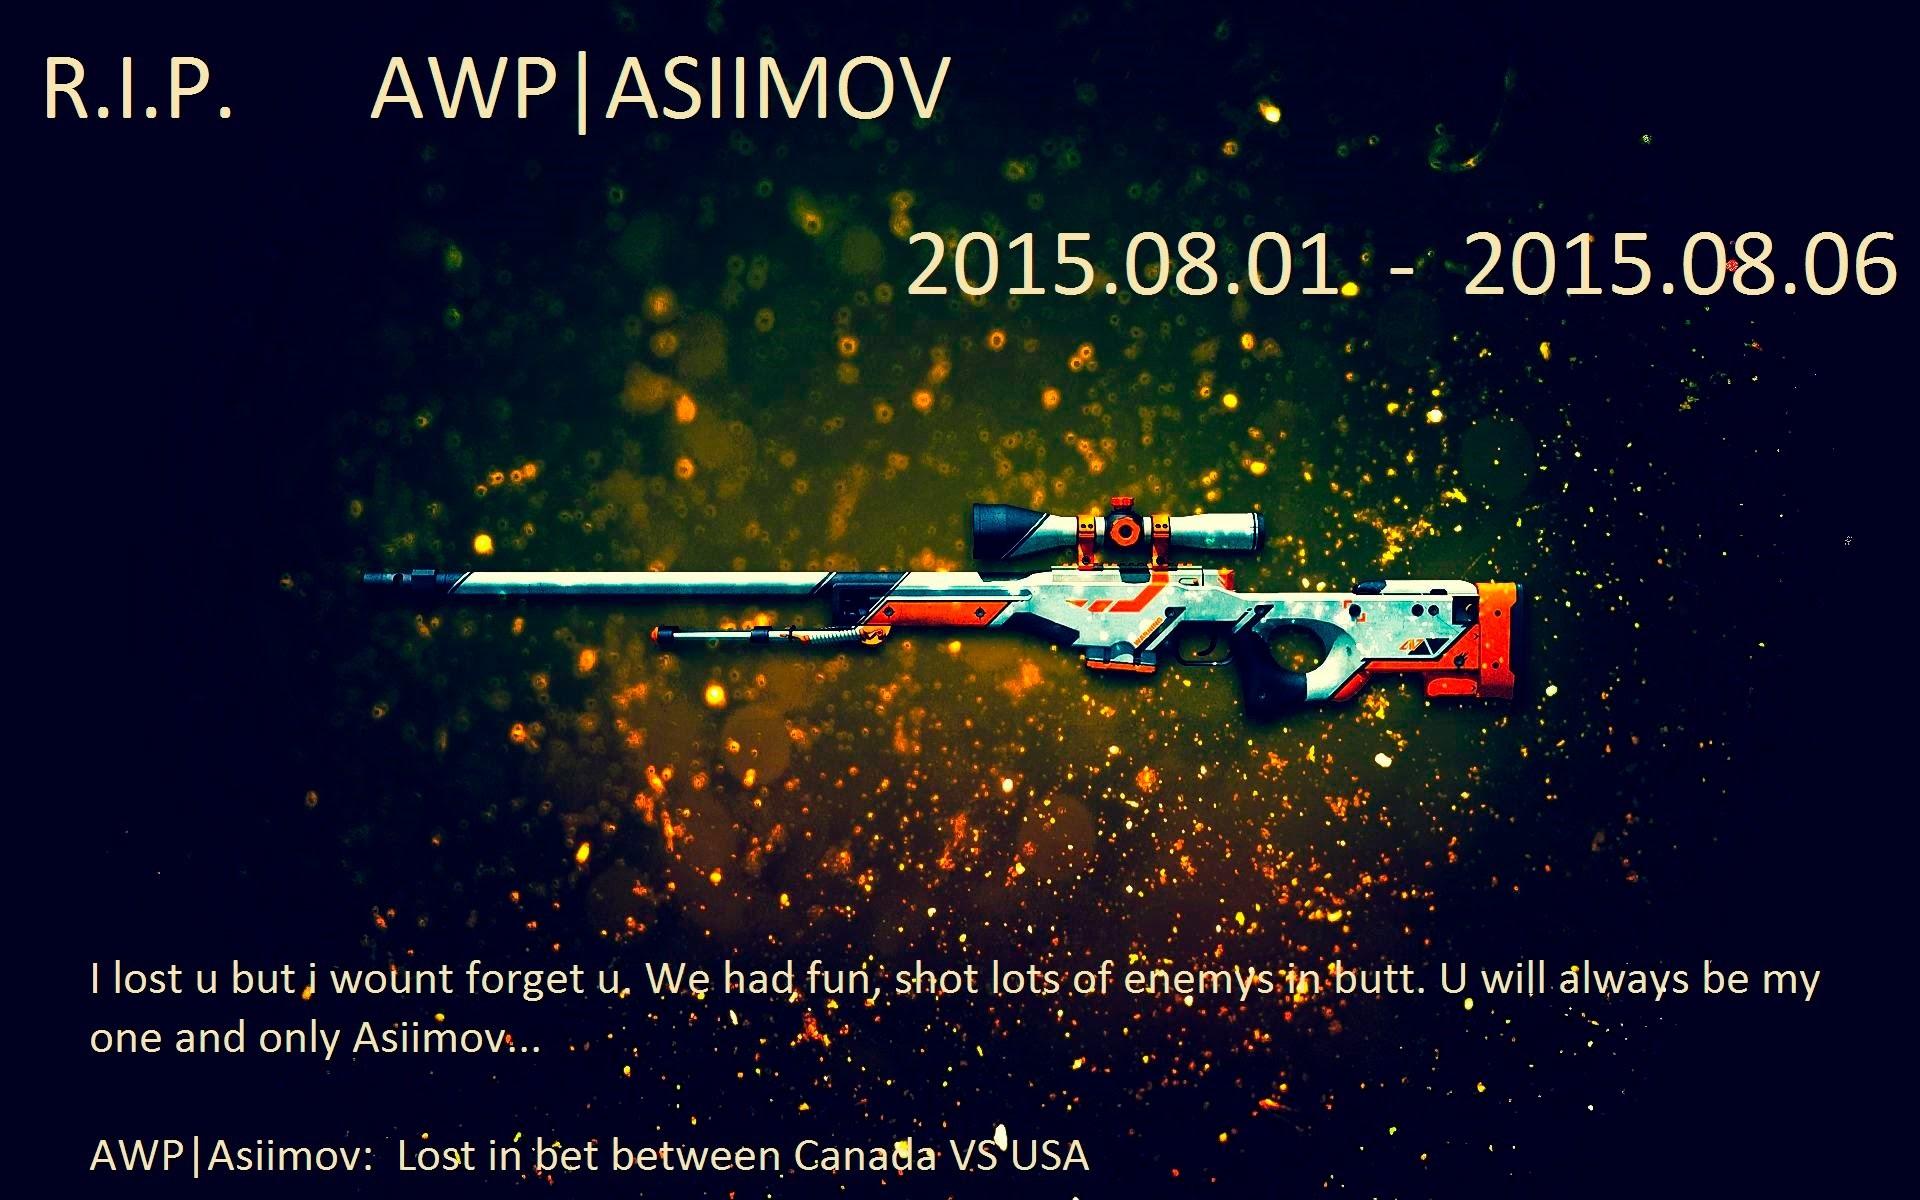 R.I.P AWP|Asiimov (True, sad story)